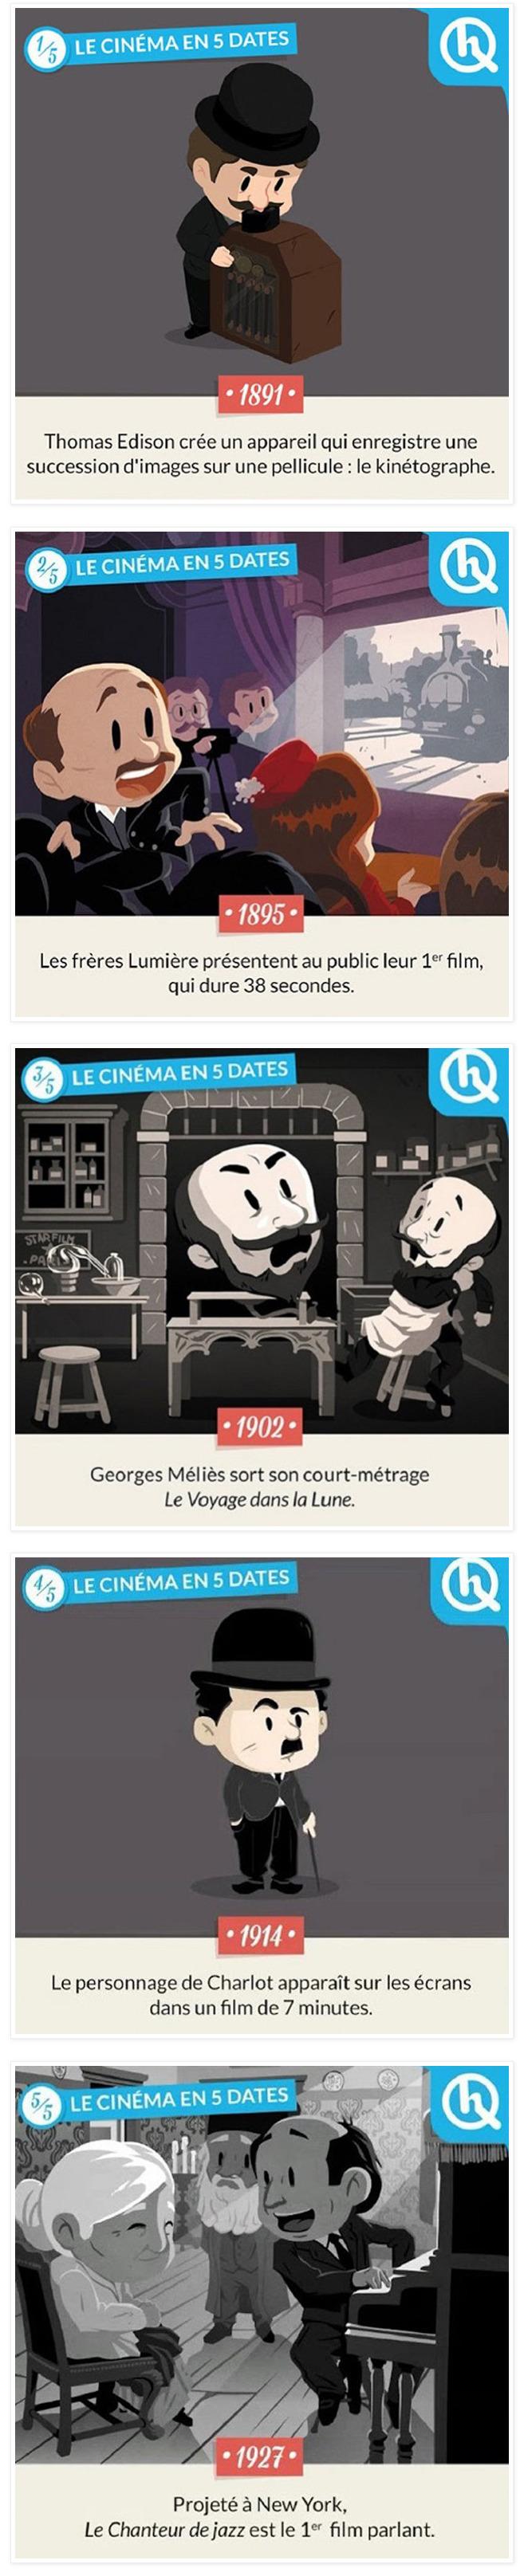 http://ticsenfle.blogspot.com.es/2011/09/lhistoire-du-cinema-en-cinq-dates.html